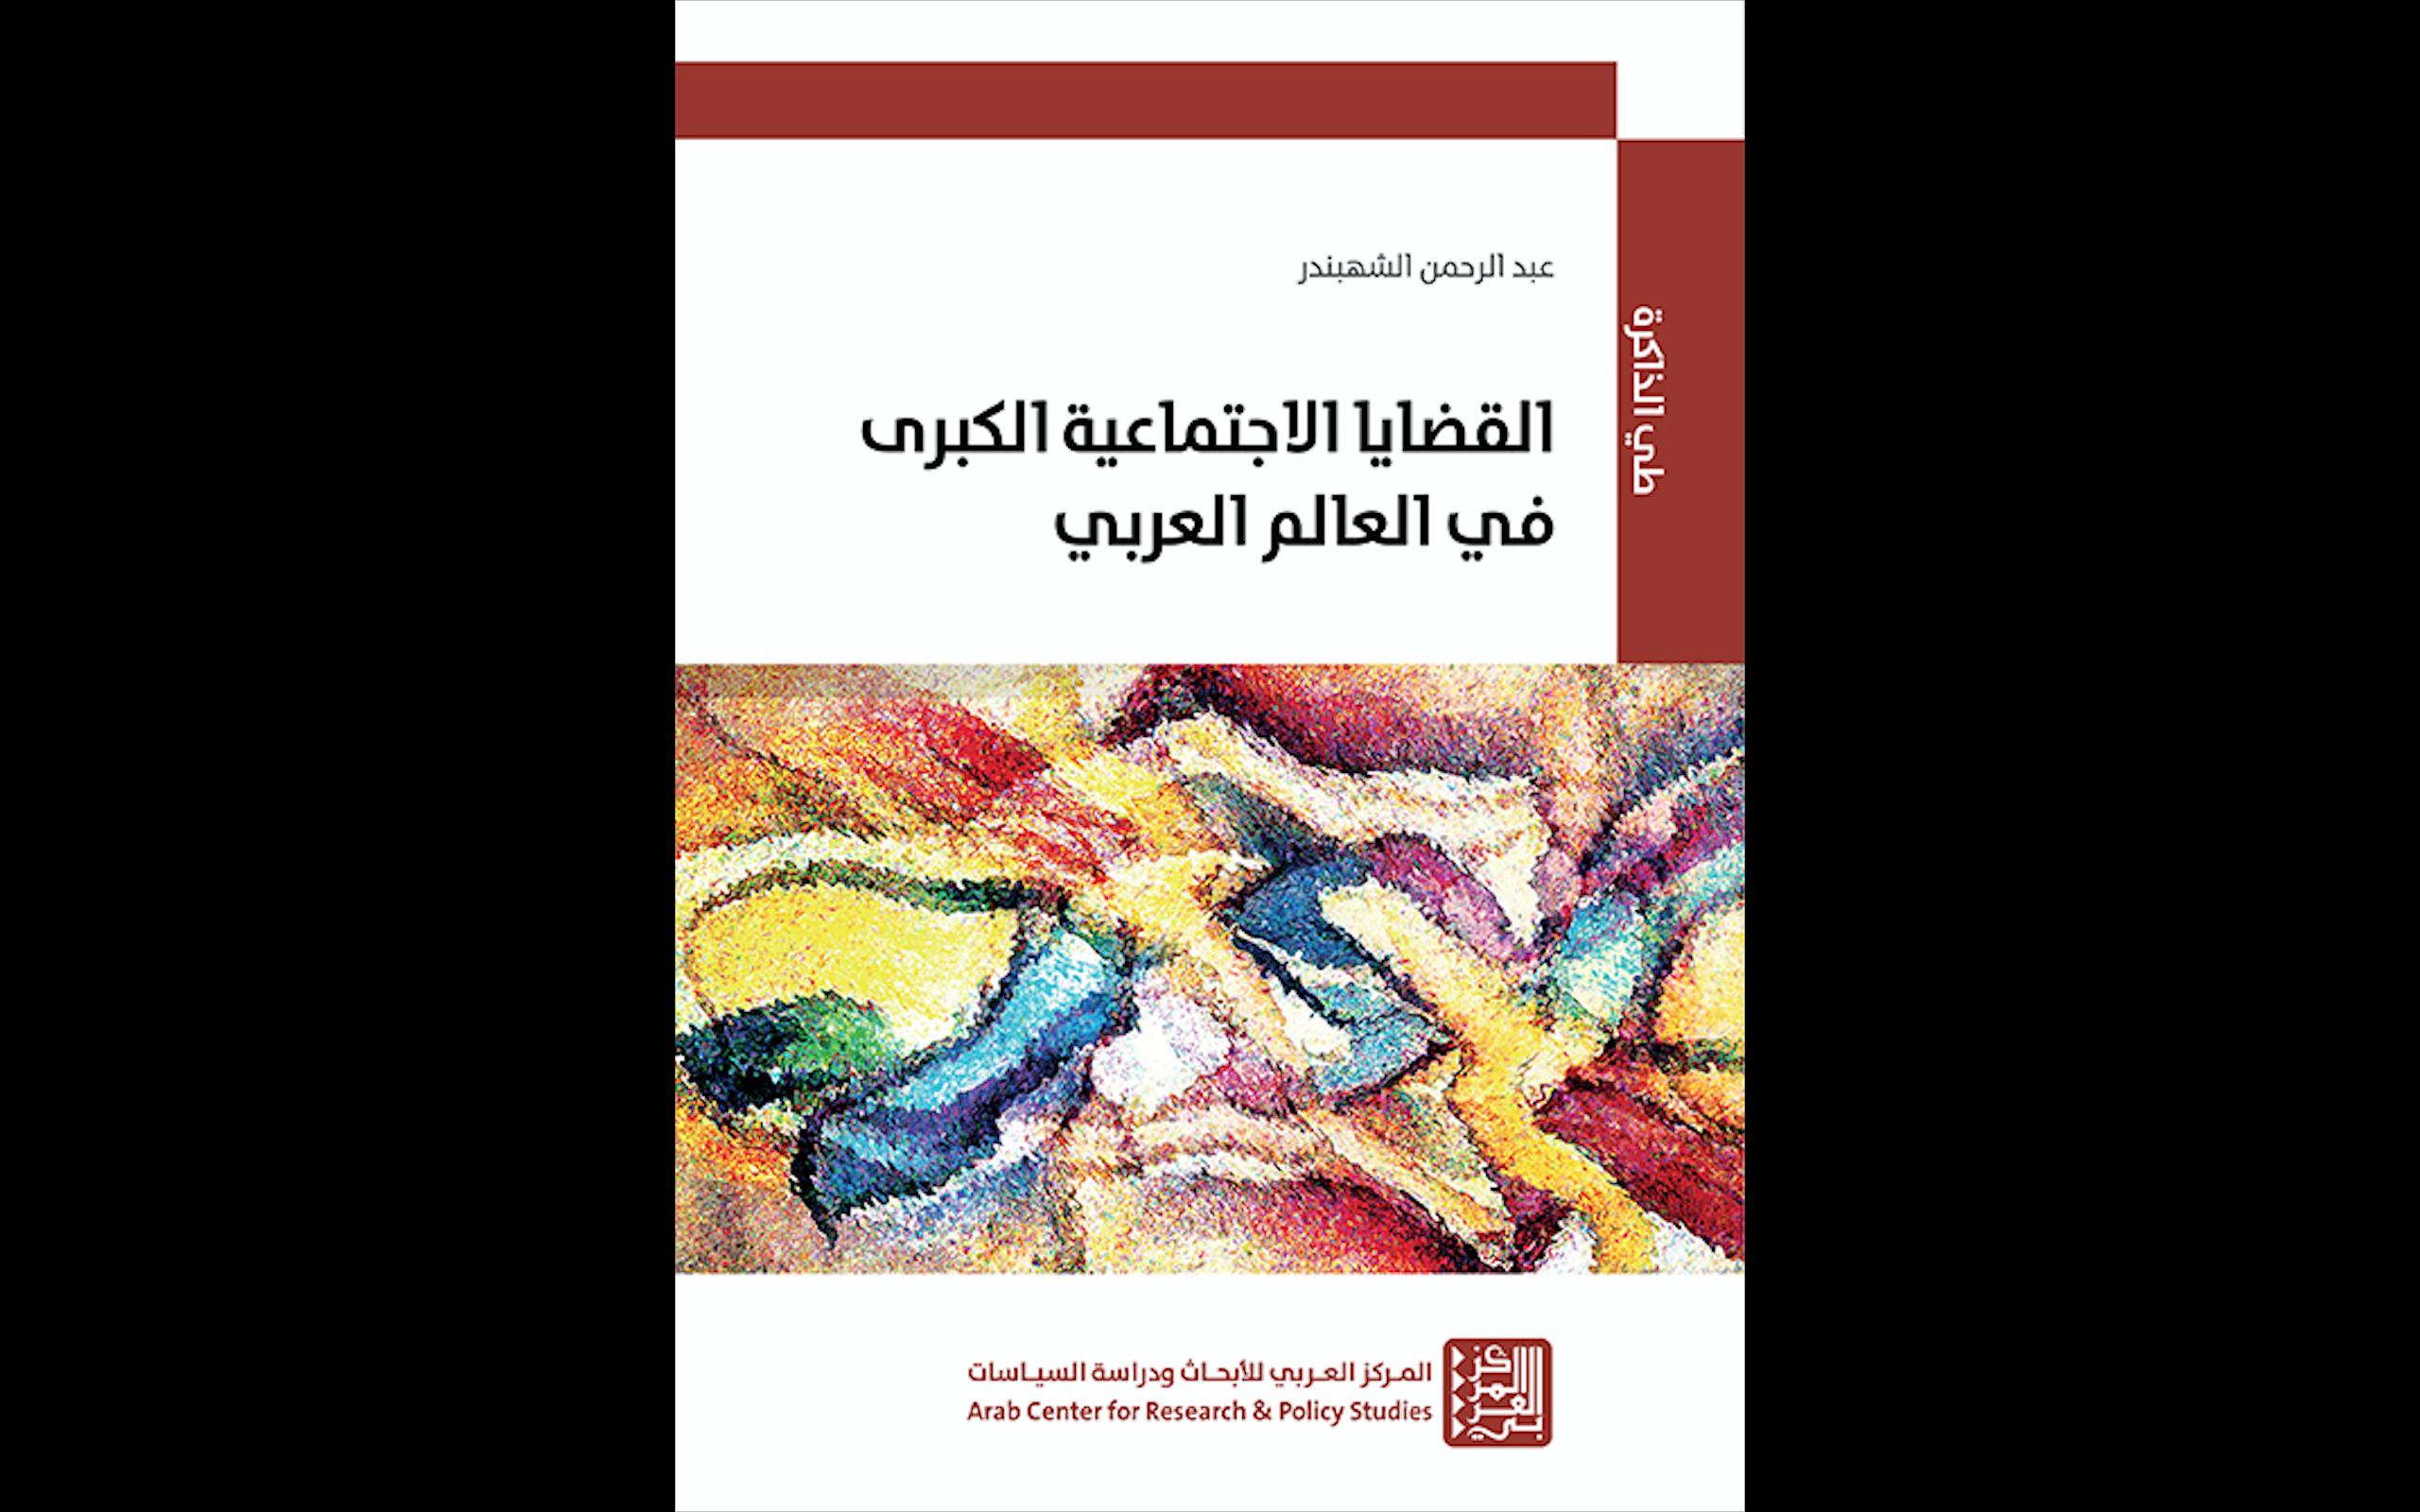 جديد: «القضايا الاجتماعية الكبرى في العالم العربي» عن المركز العربي للأبحاث ودراسة السياسات